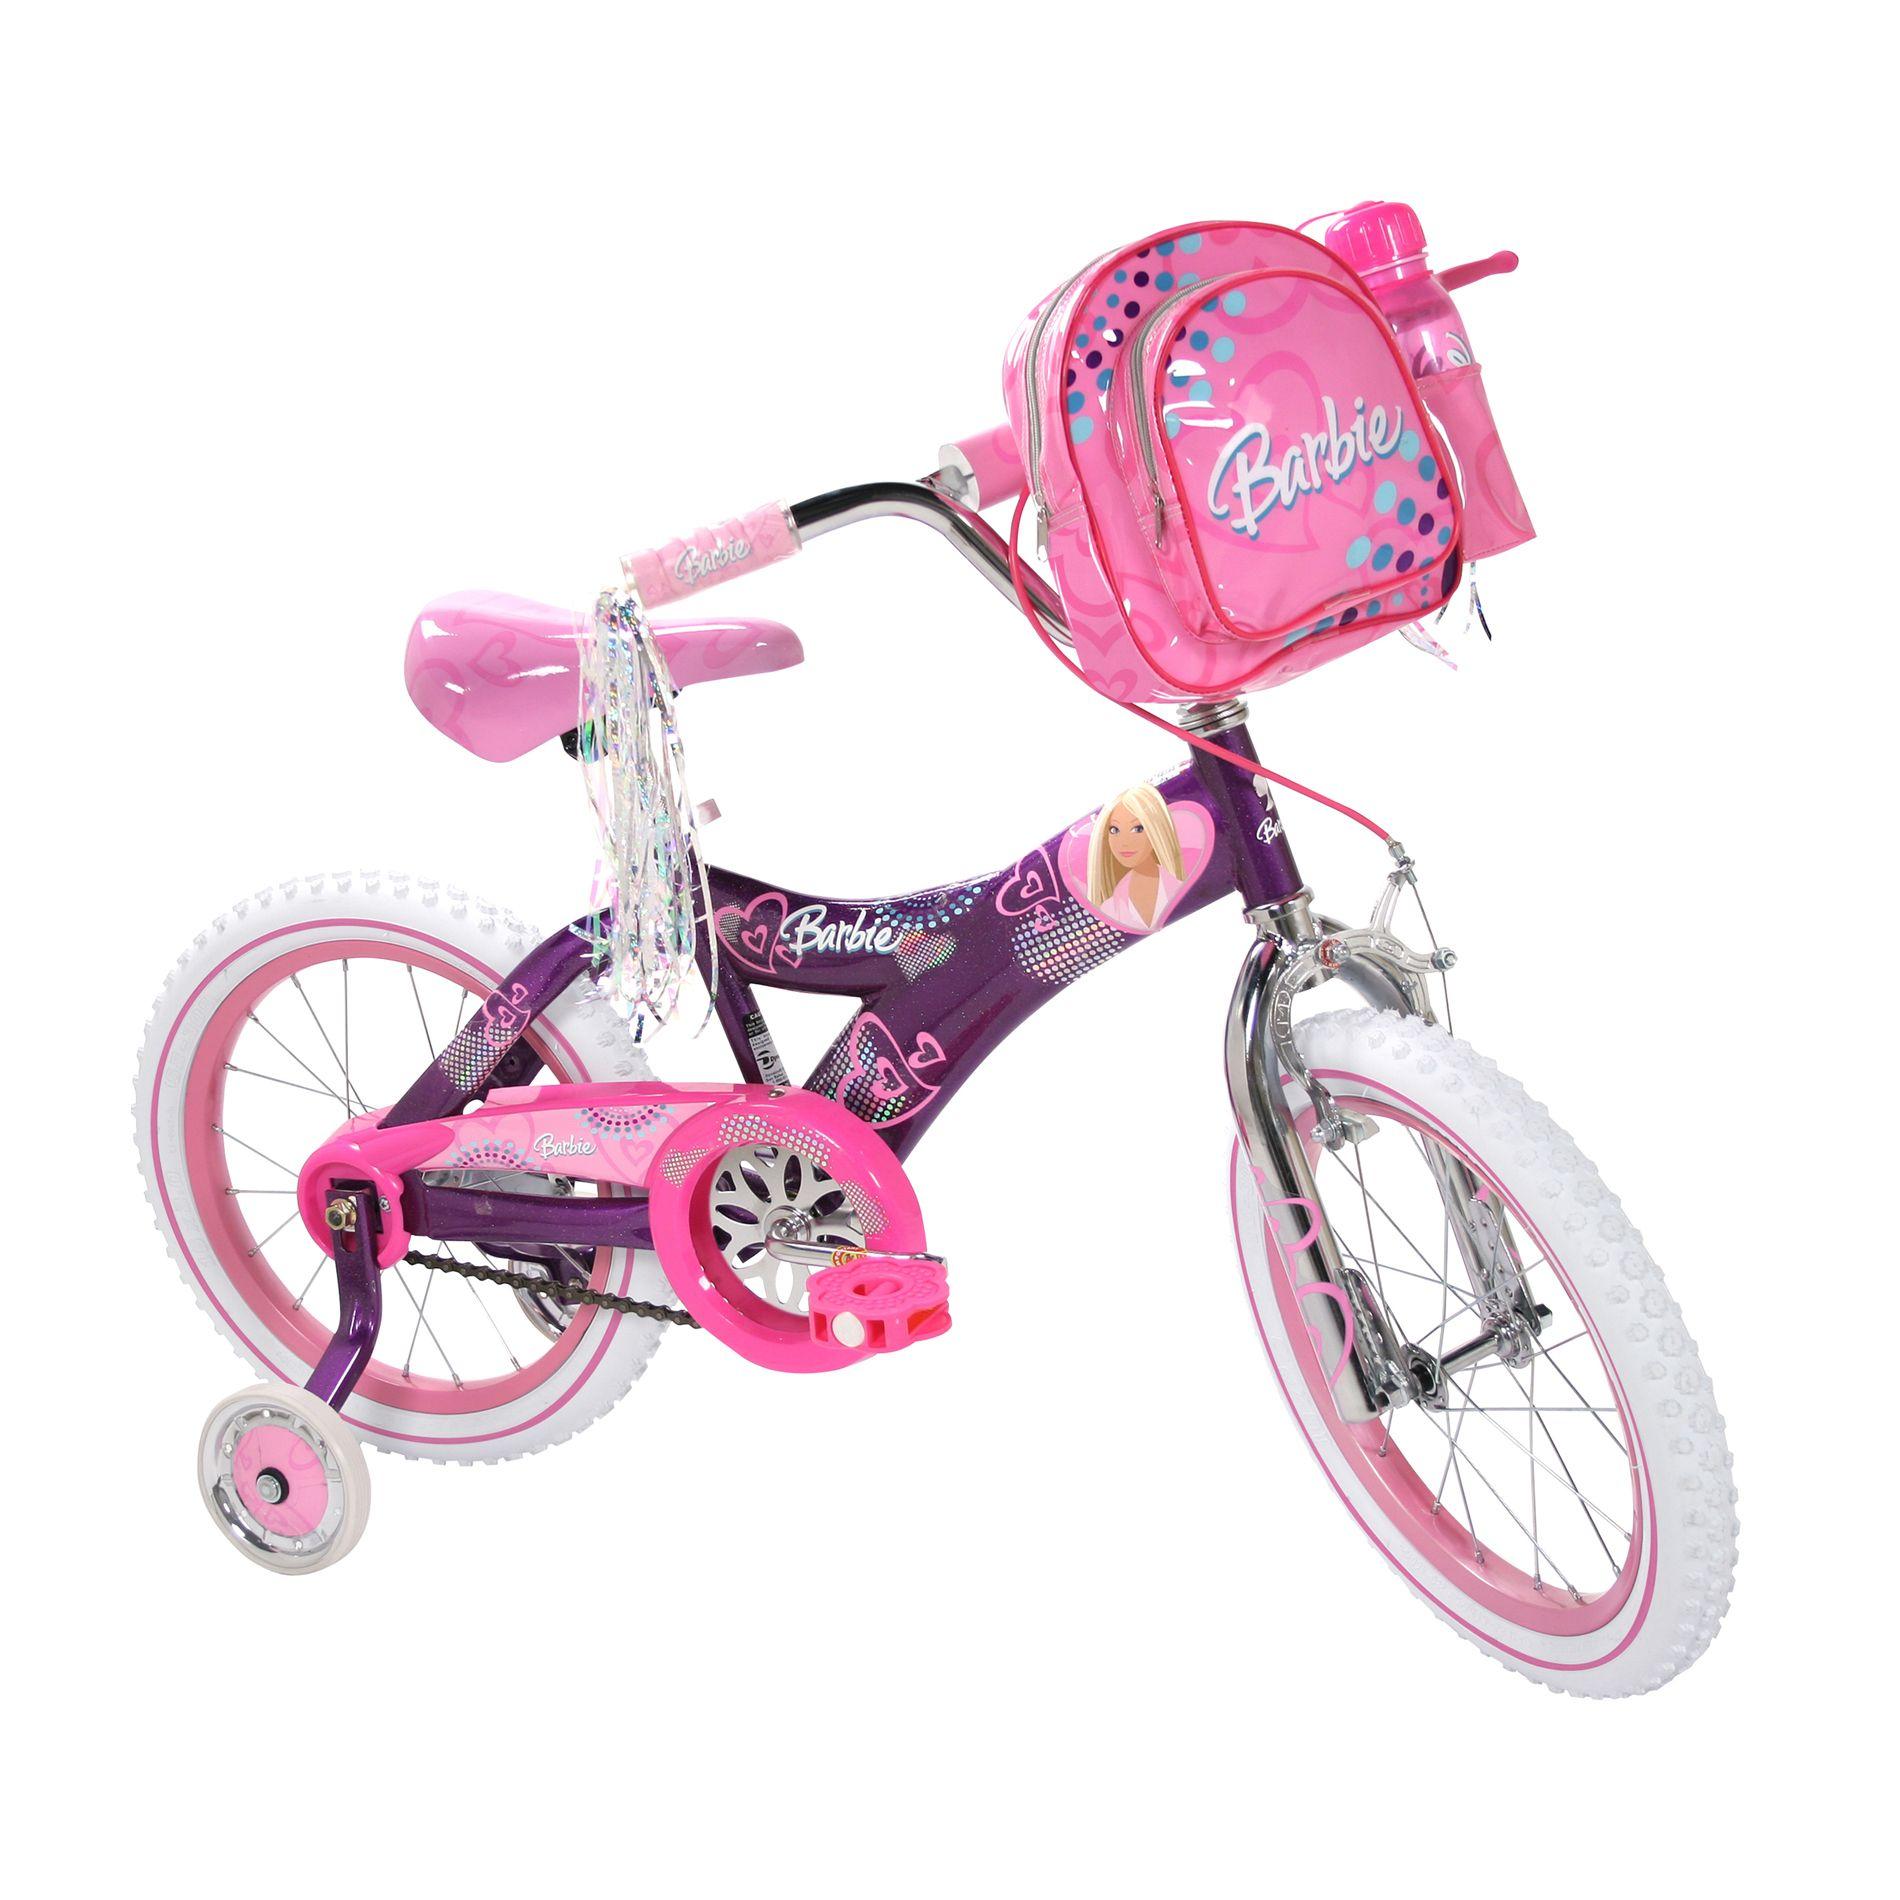 Barbie 16 Girl' Bike